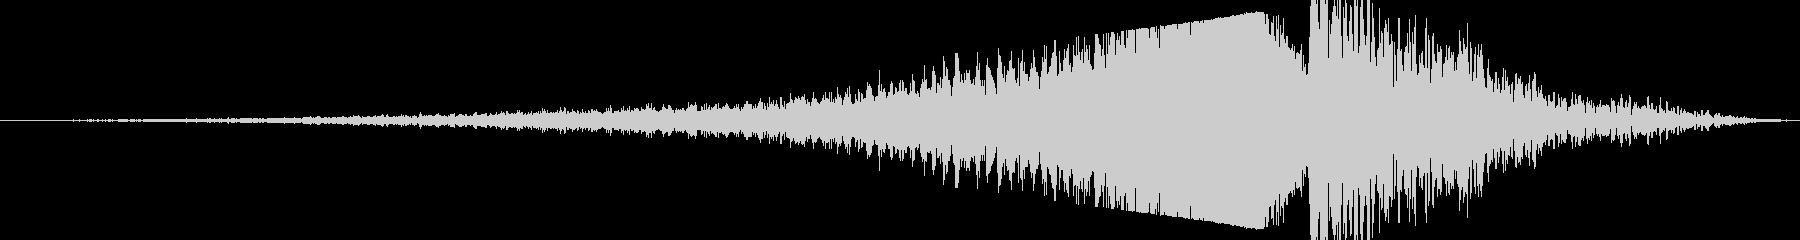 【映画】 シネマティック ライザー 05の未再生の波形